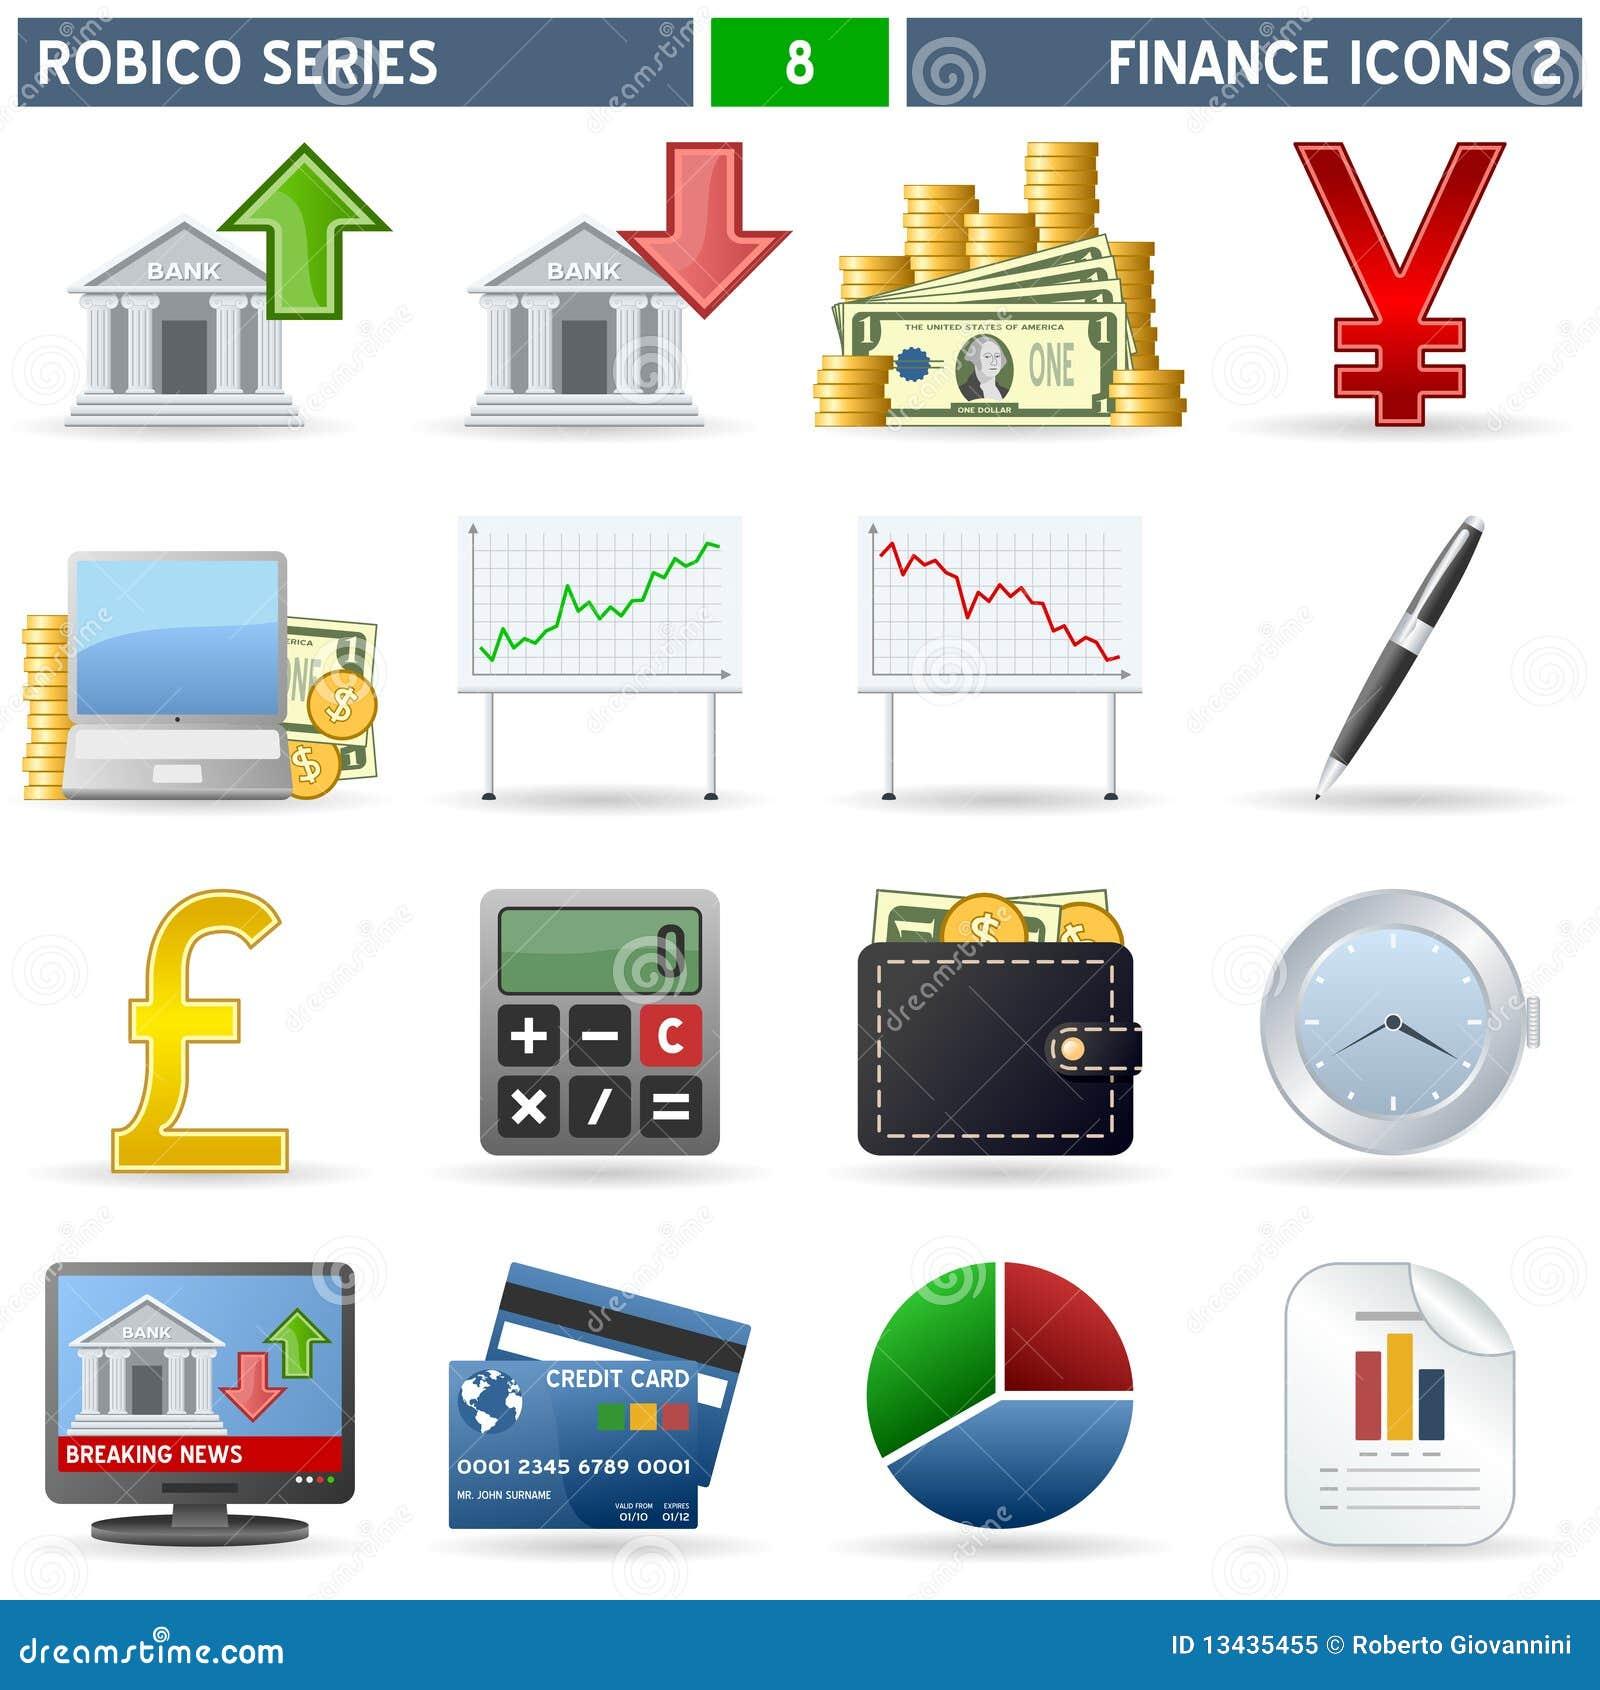 Finanzikonen [2] - Robico Serie